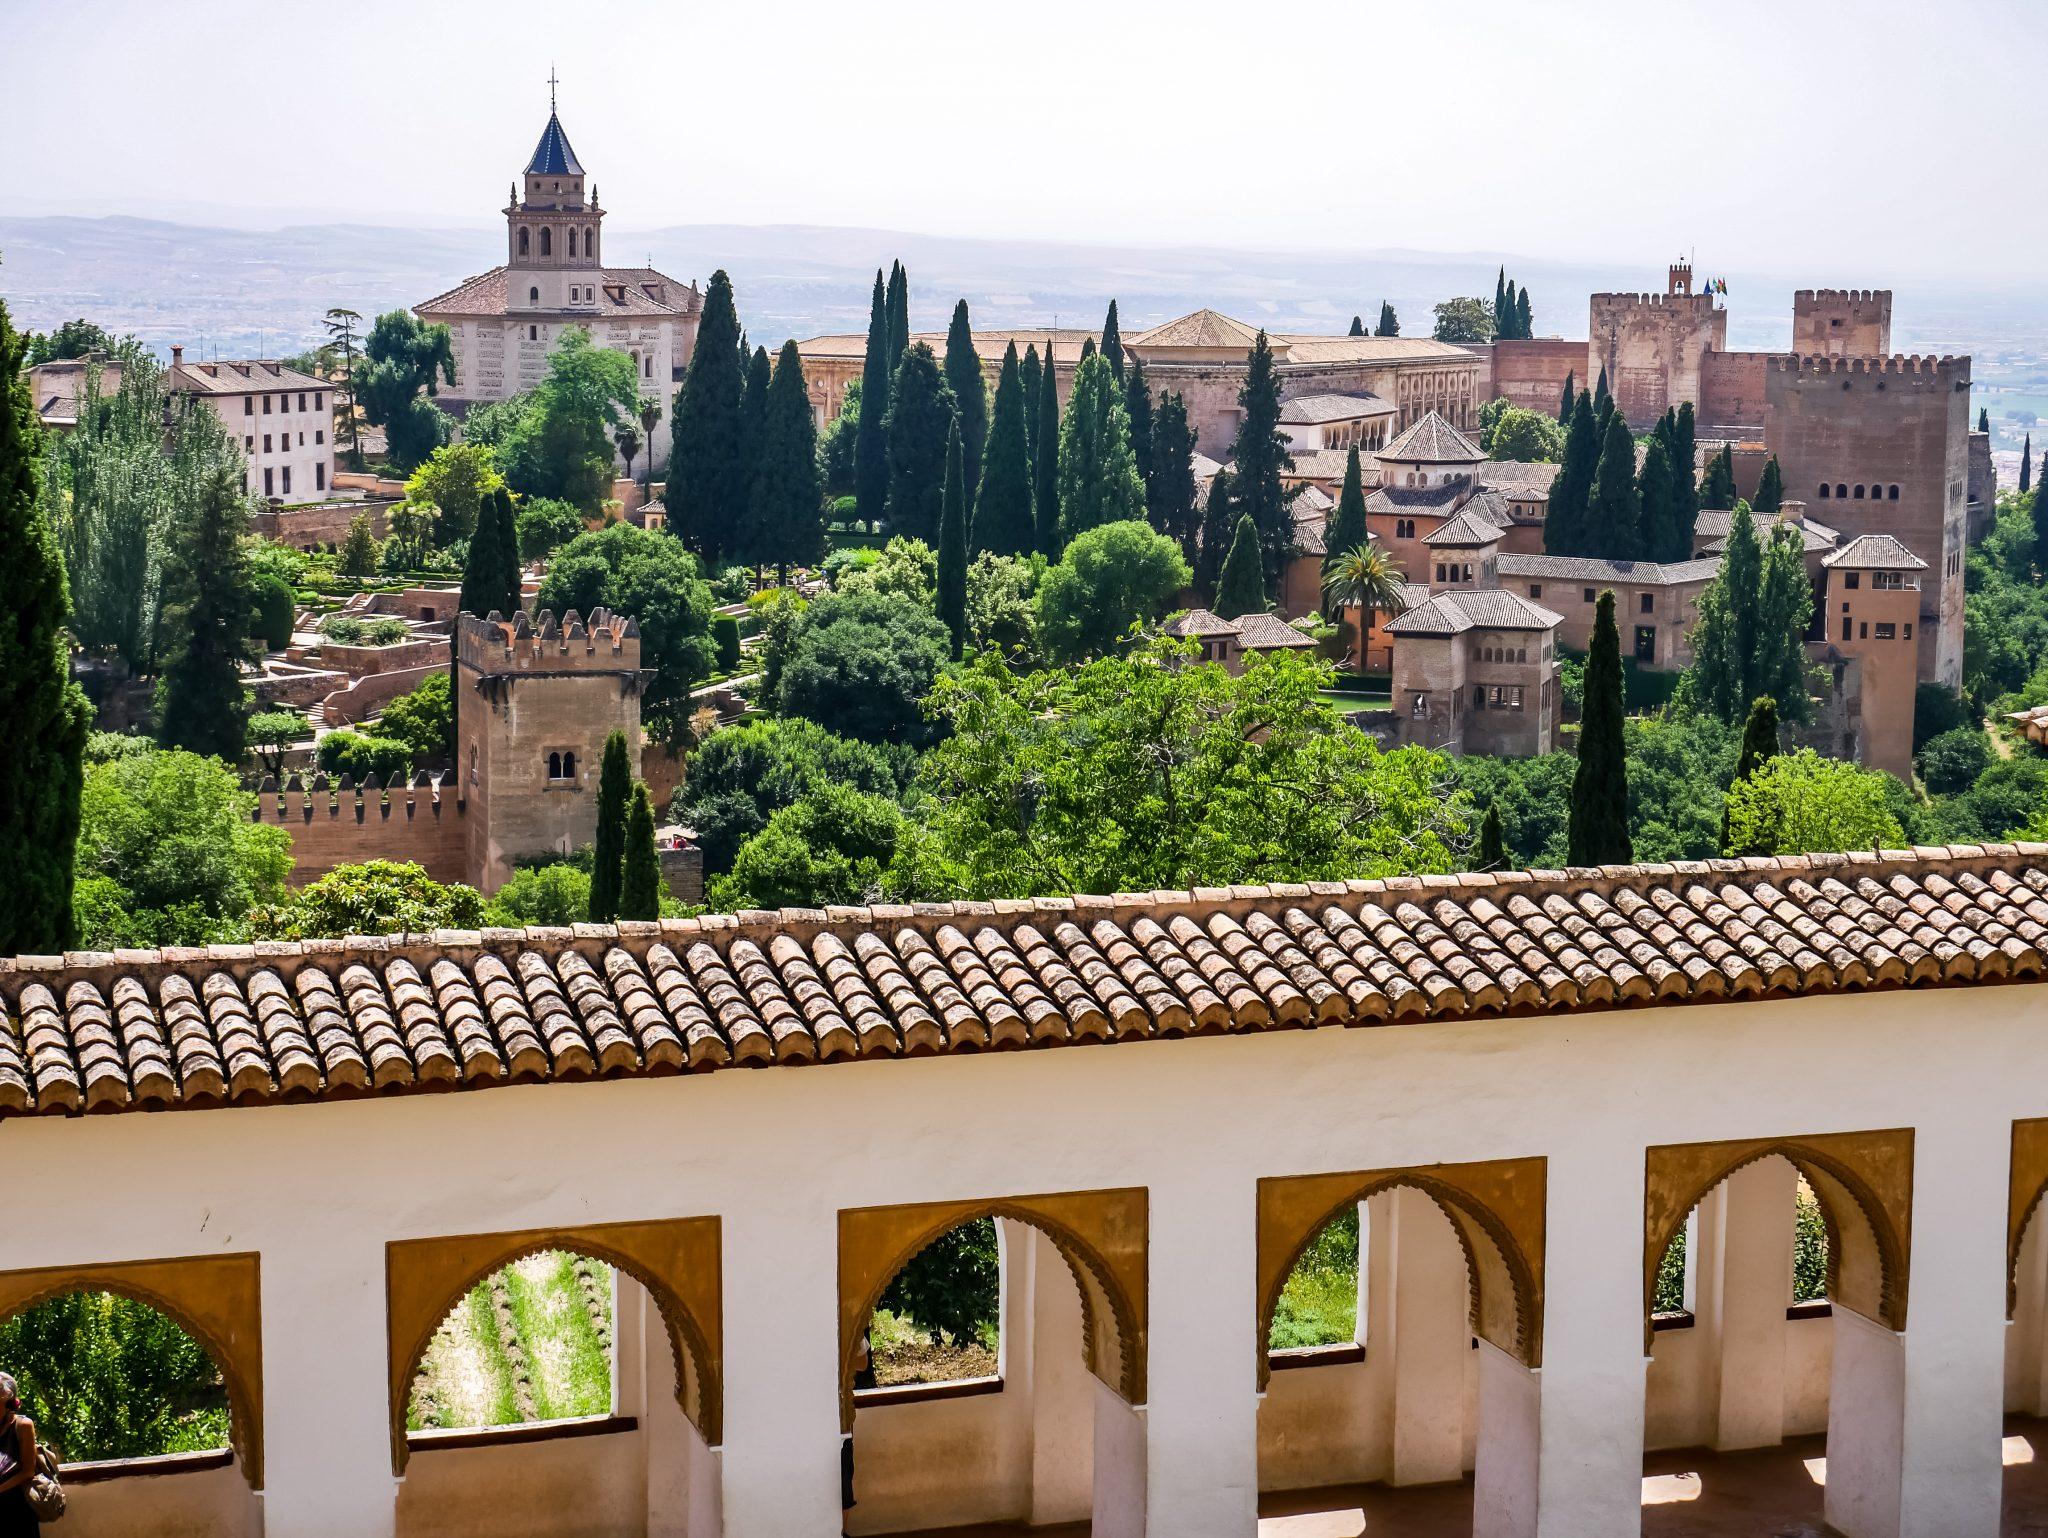 Vom Generalife hast du einen tollen Blick auf die Alhambra.